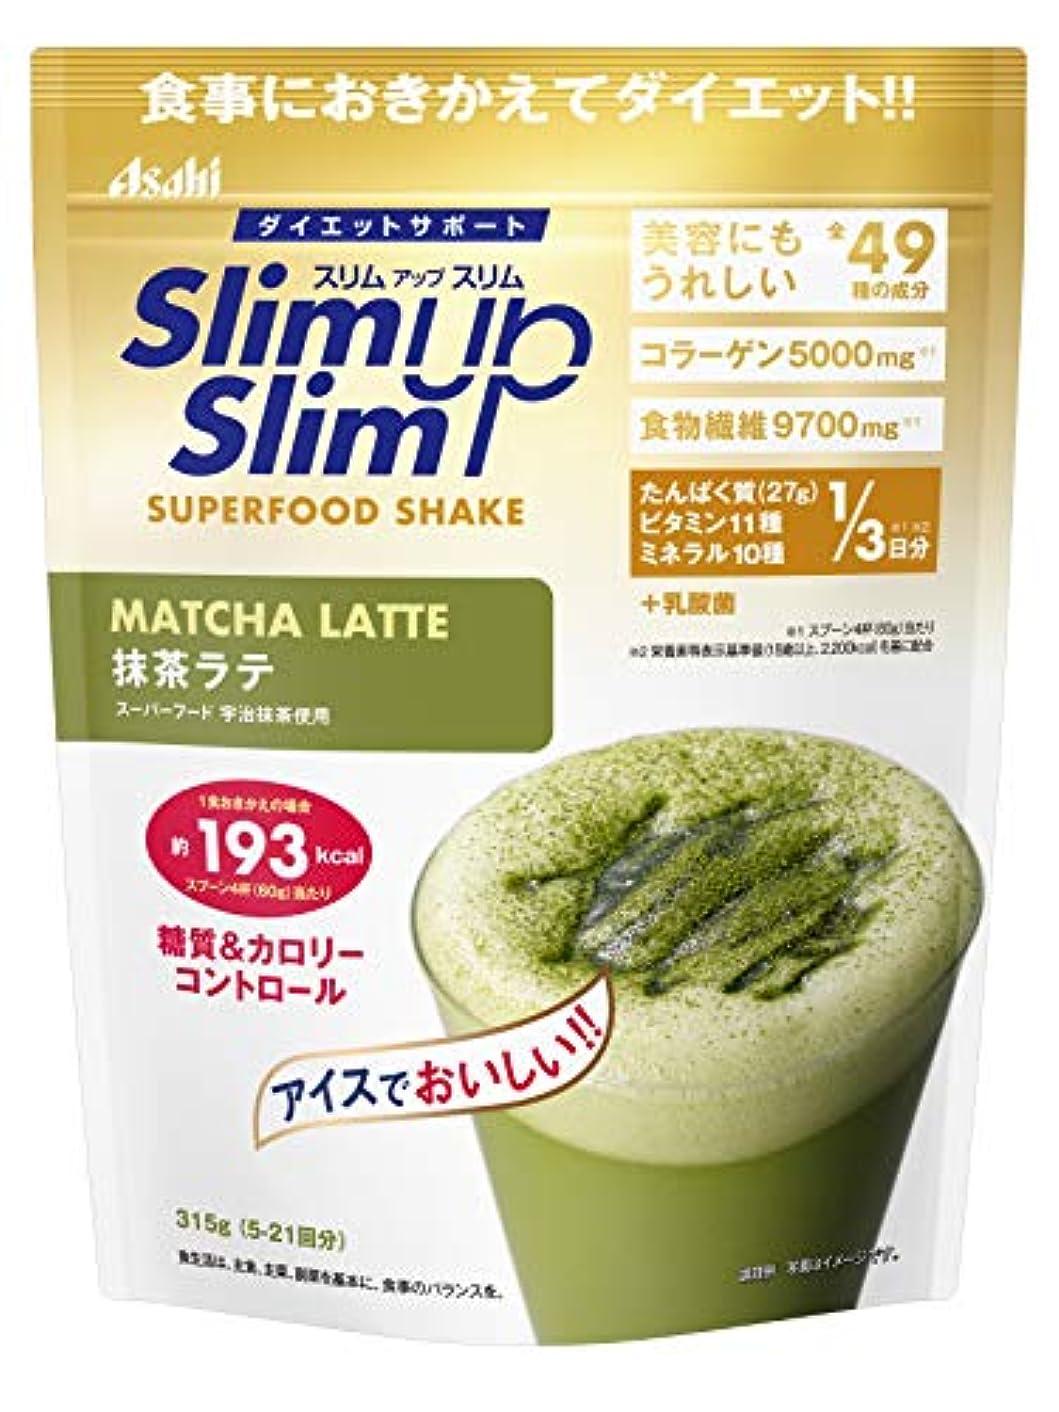 過敏な機械的にお誕生日スリムアップスリム 酵素+スーパーフードシェイク 抹茶ラテ 315g